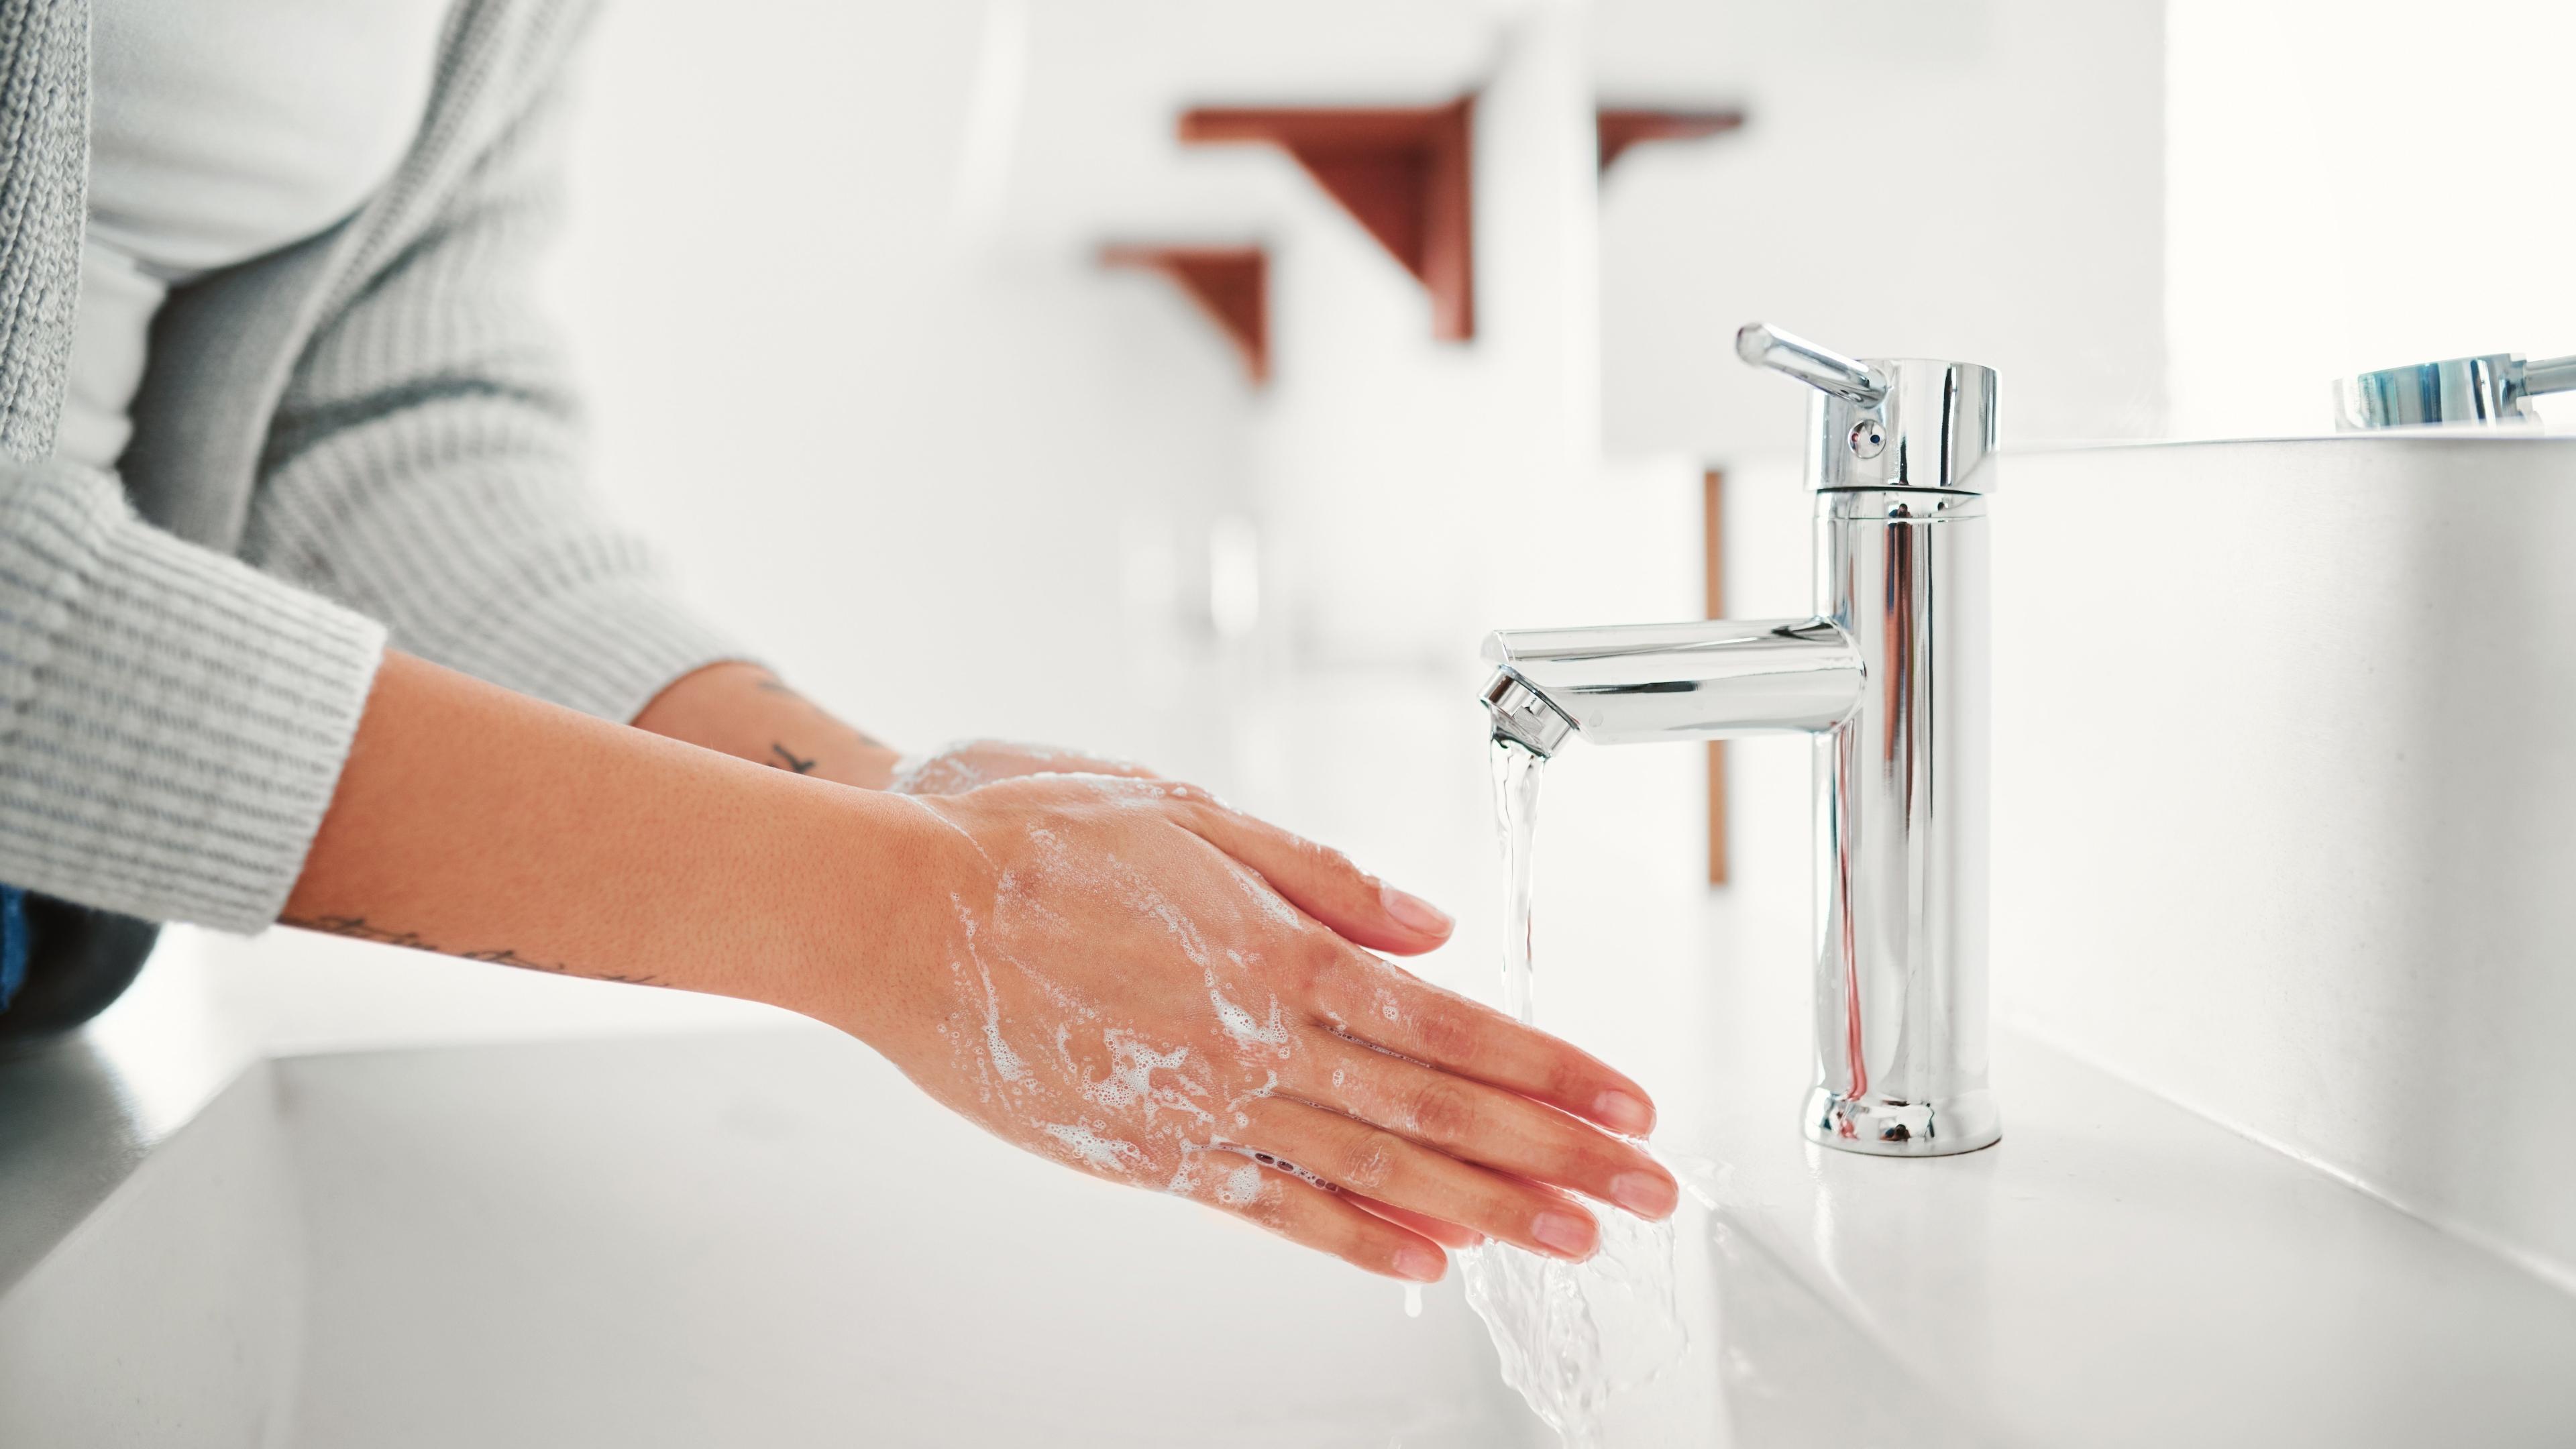 Лишь один из трёх подростков правильно моет руки